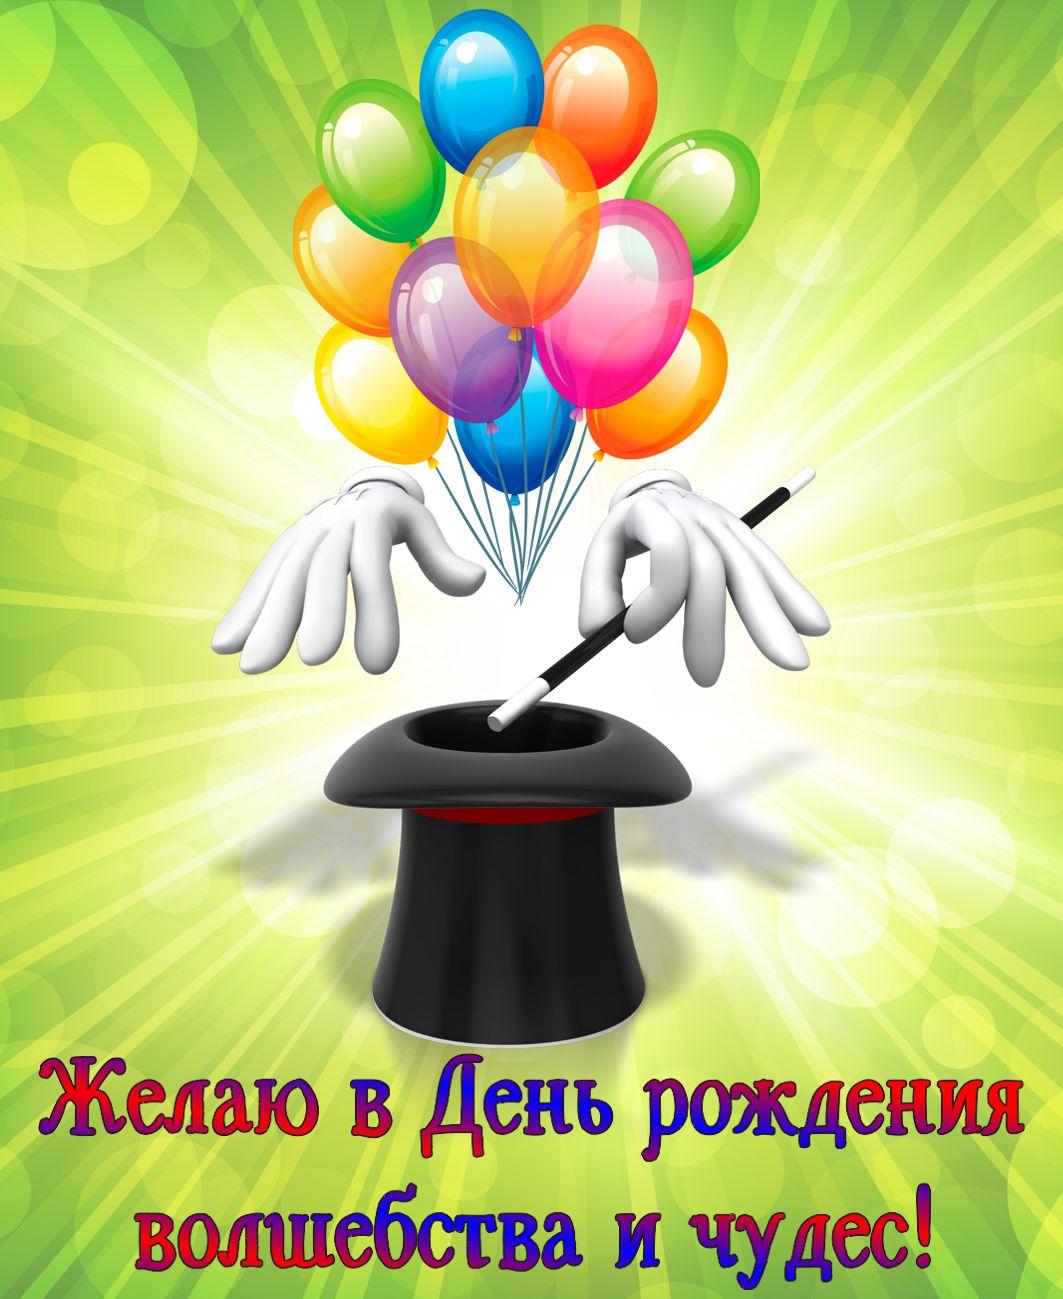 Поздравление мужчине к Дню рождения